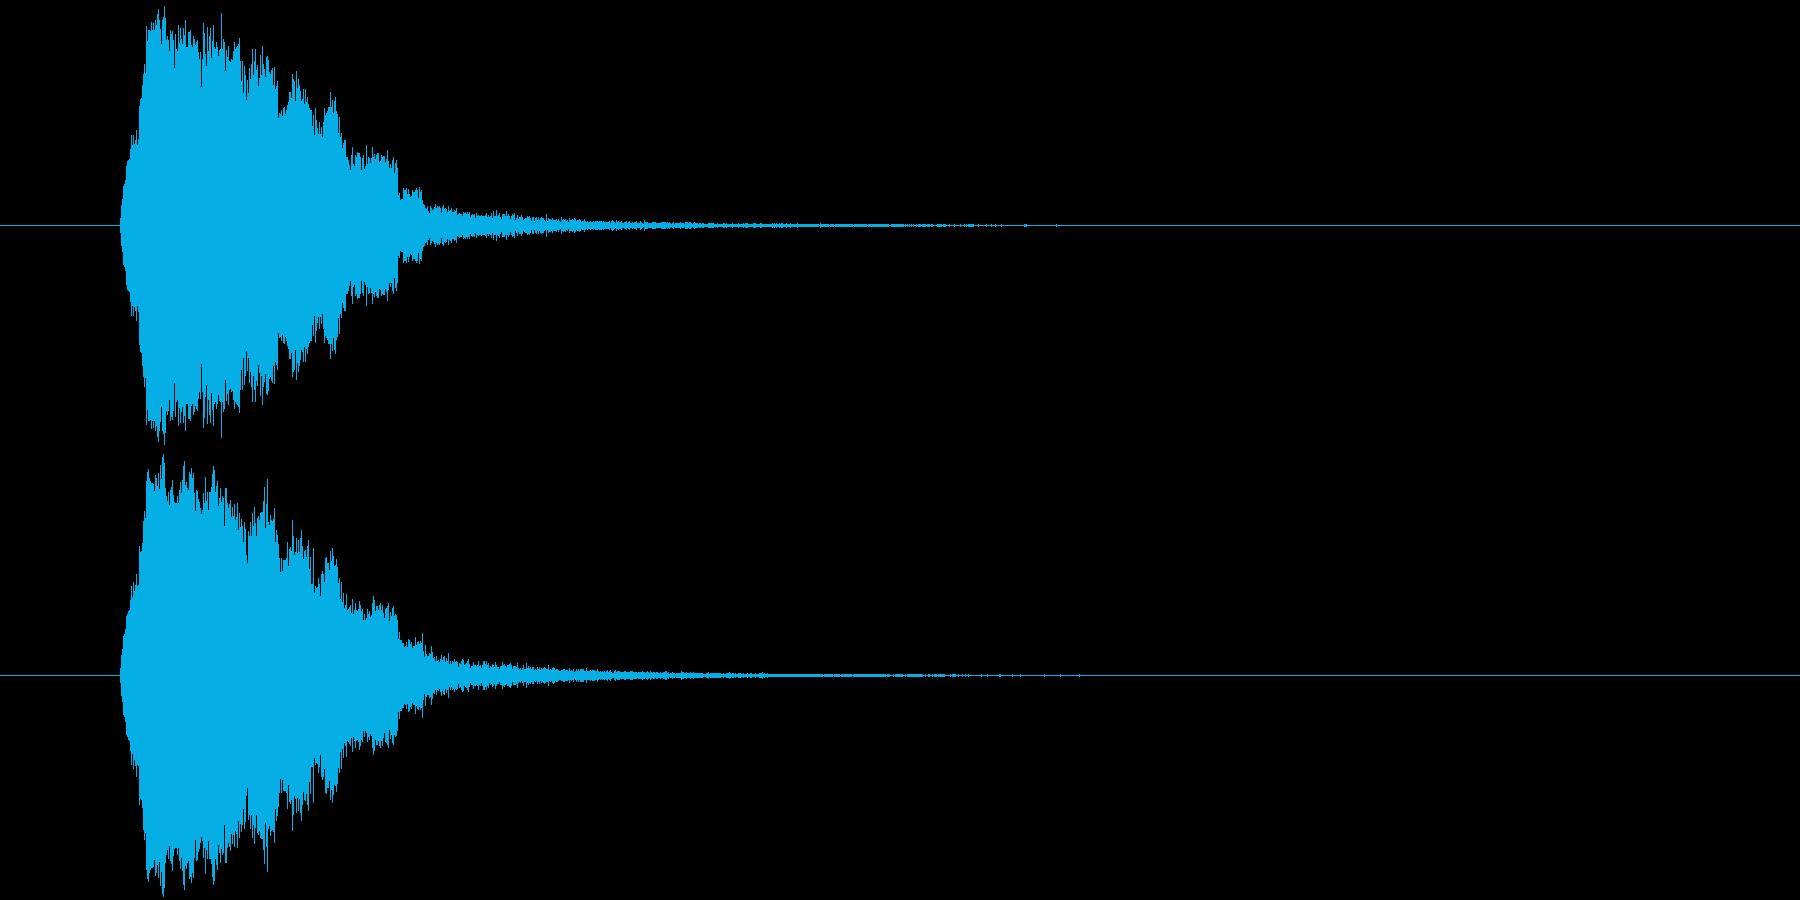 テュルリッ(場面転換、アイテム使用)の再生済みの波形